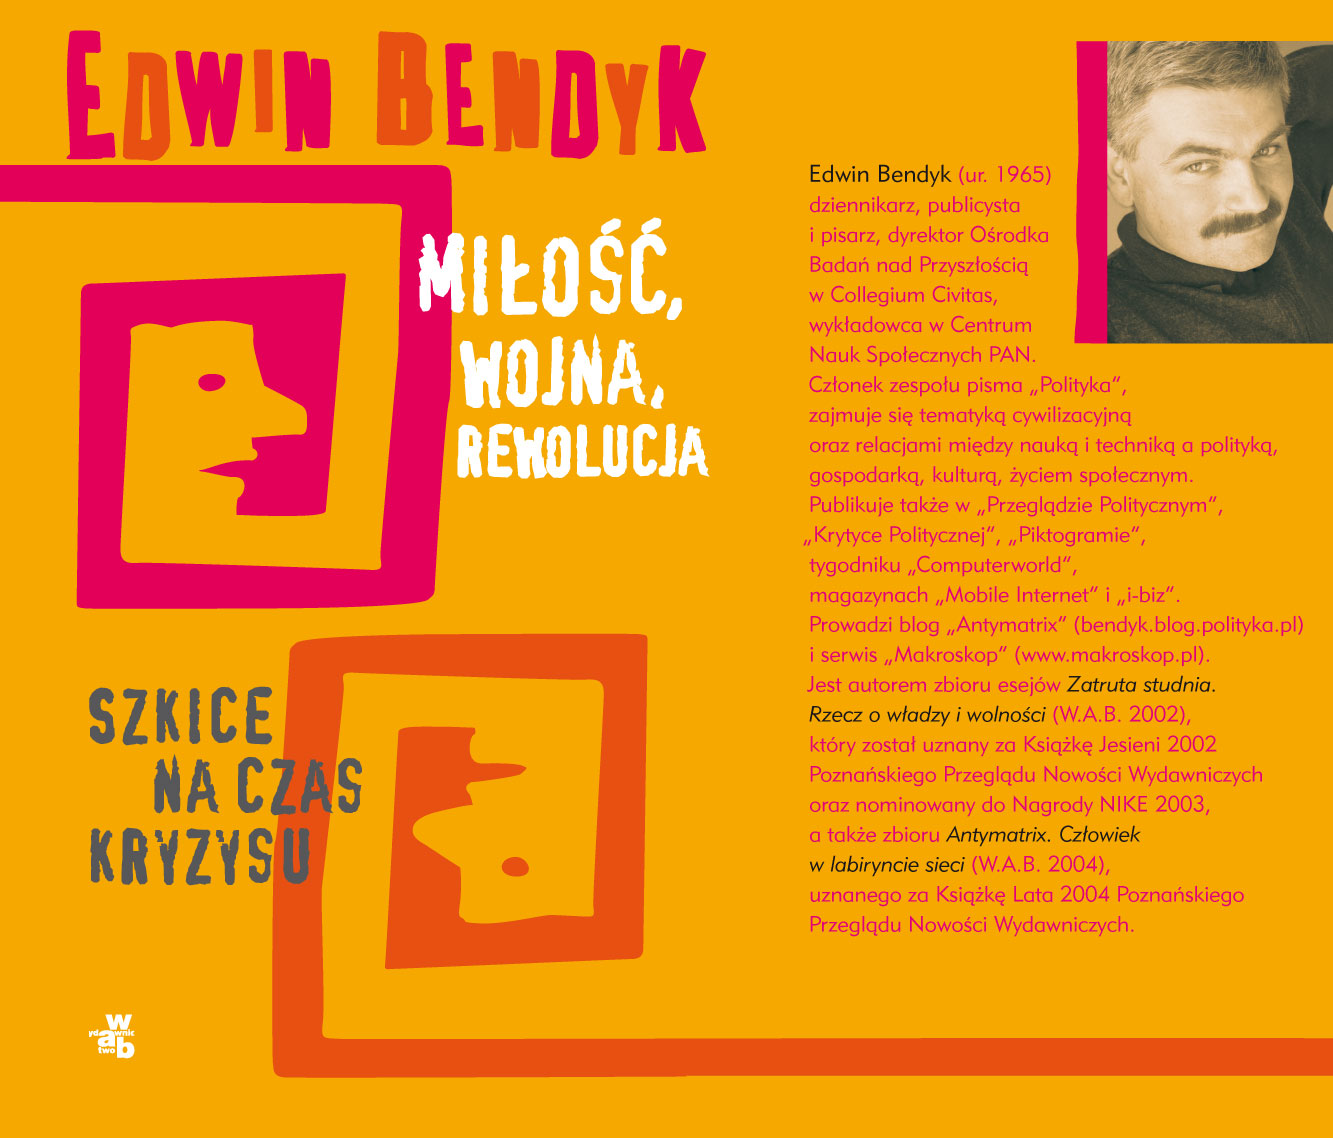 Miłość, wojna, rewolucja - ebook– Edwin Bendyk, WAB, książki, eksiążki, obyczajowe, powieści, epartnerzy.com